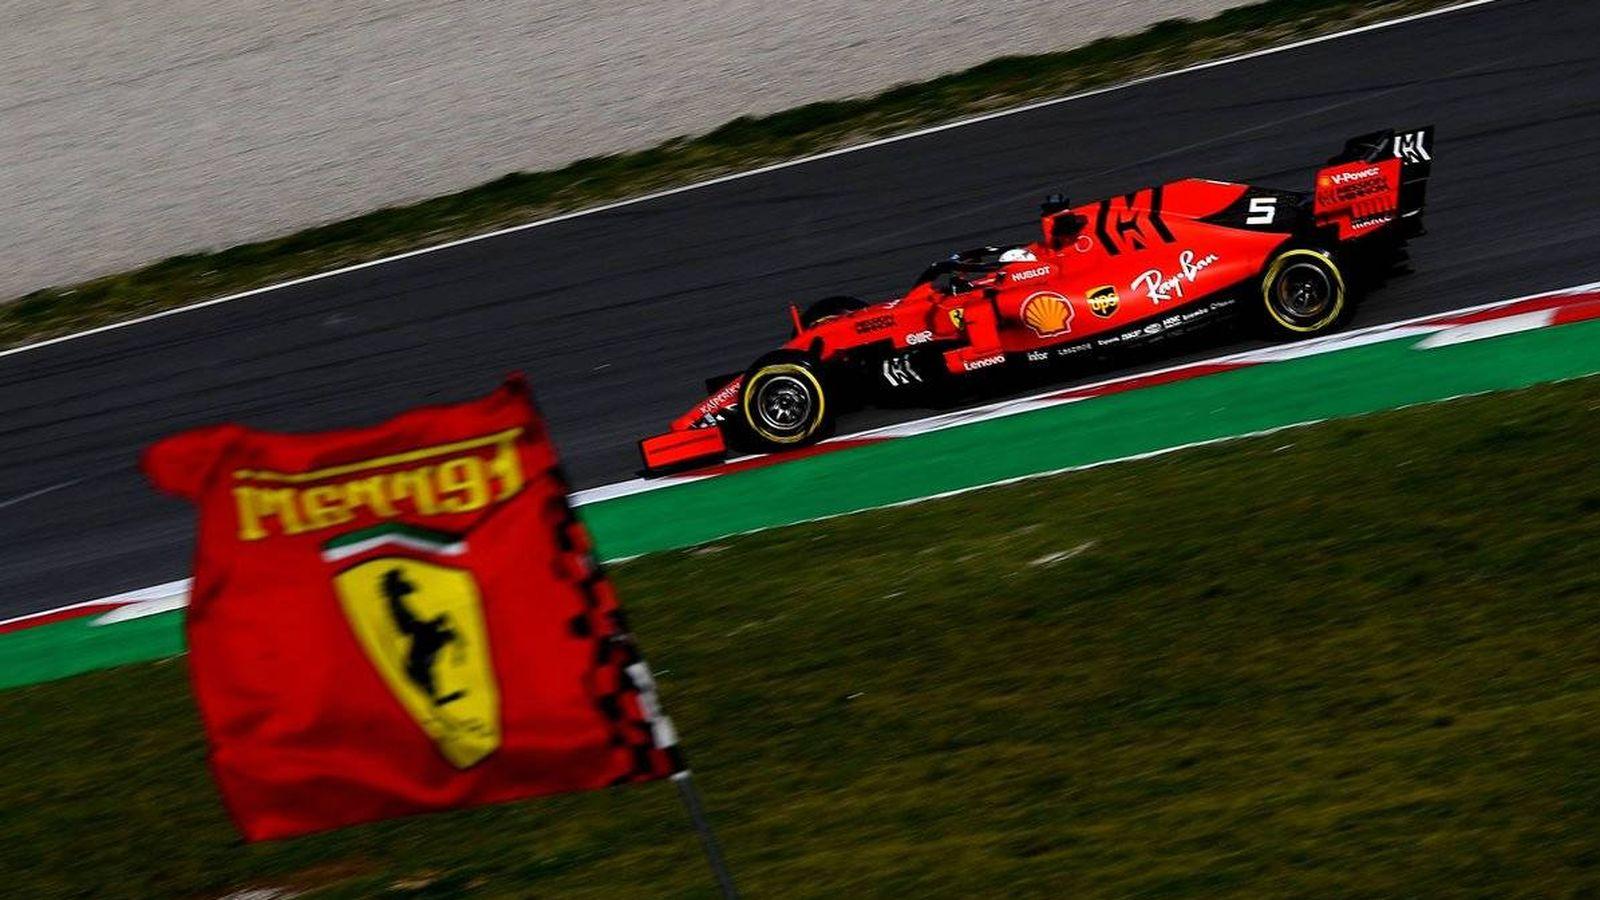 Foto: Independientemente de cómo llegue Mercedes a Australia, la pretemporada está confirmando a un Ferrari extremadamente competitivo